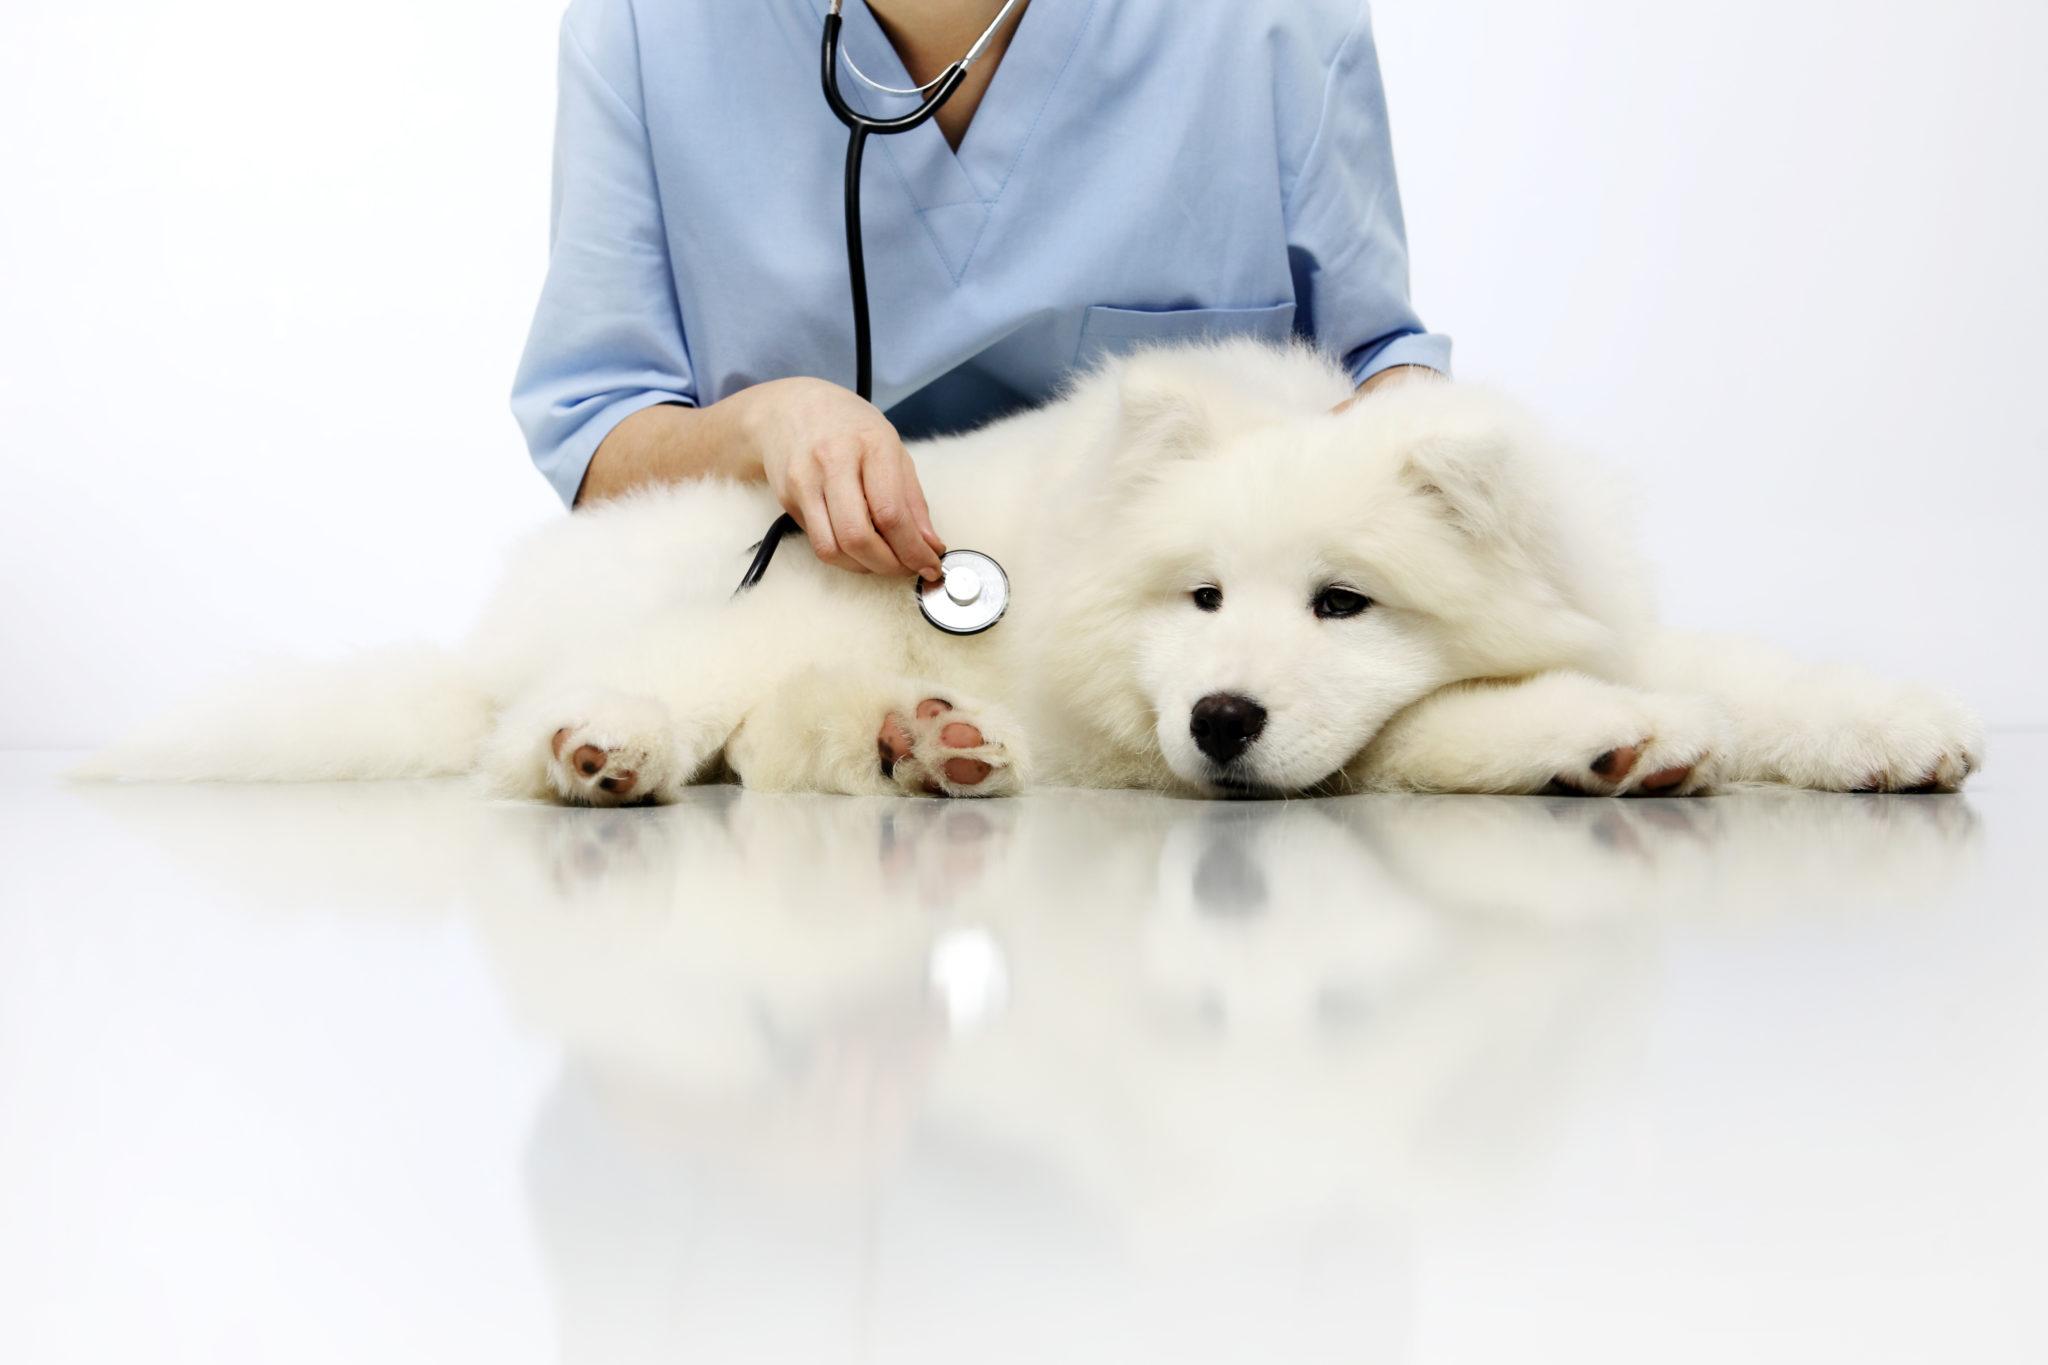 Blasenentzündung (Zystitis) beim Hund | Symptome & Behandlung